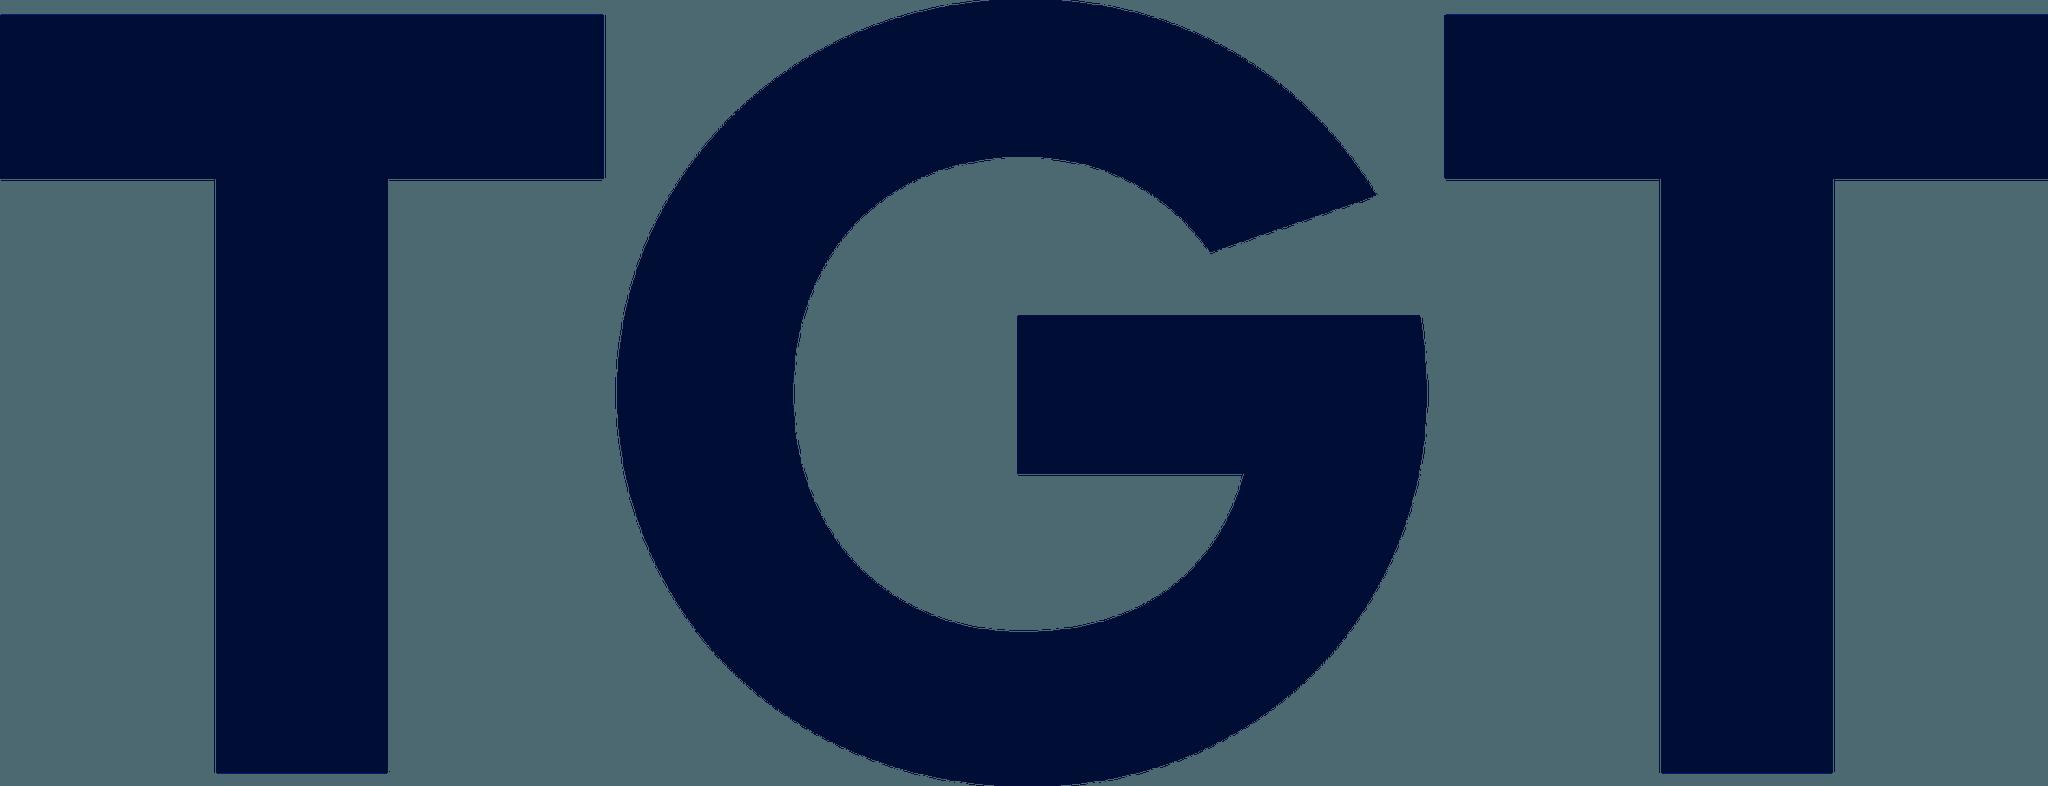 TGT OILFIELDS SERVICES